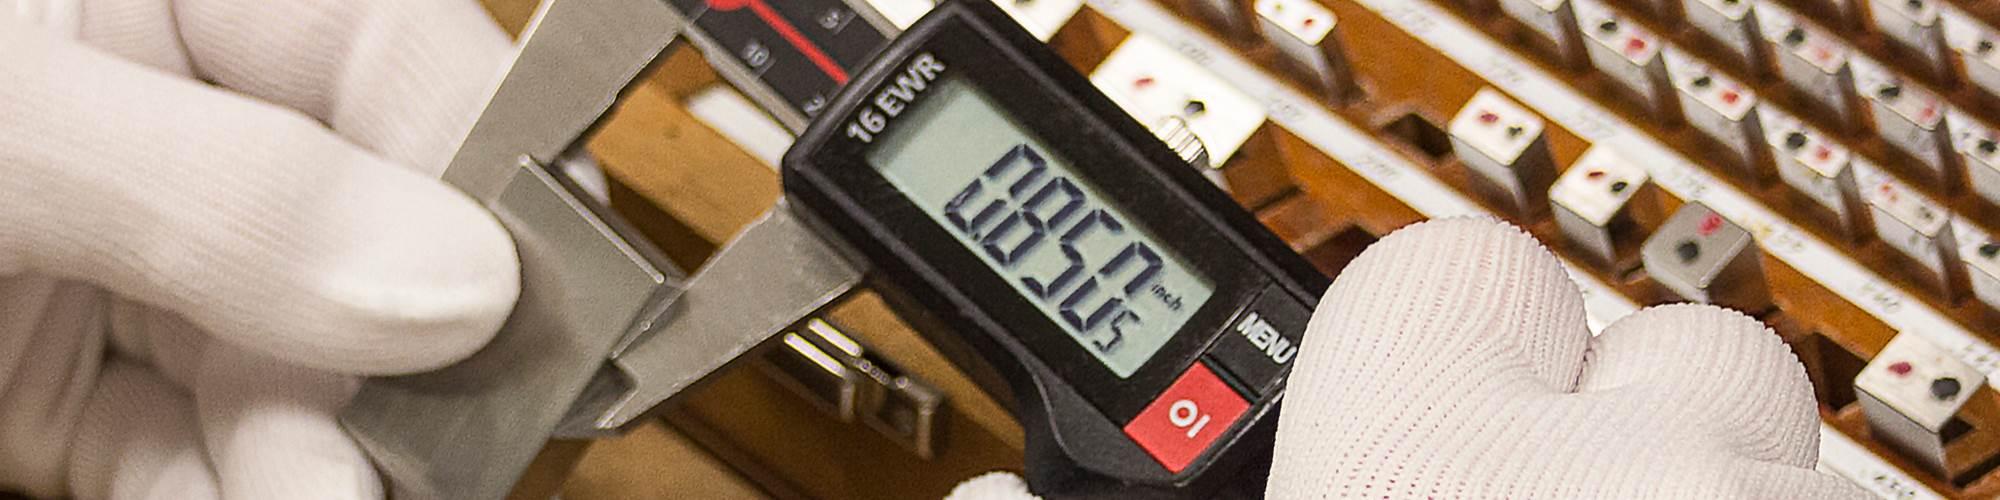 Durante la calibración de sus calibradores con bloques patrón, el uso de guantes puede proteger de la suciedad y materiales extraños que causen errores en los resultados finales